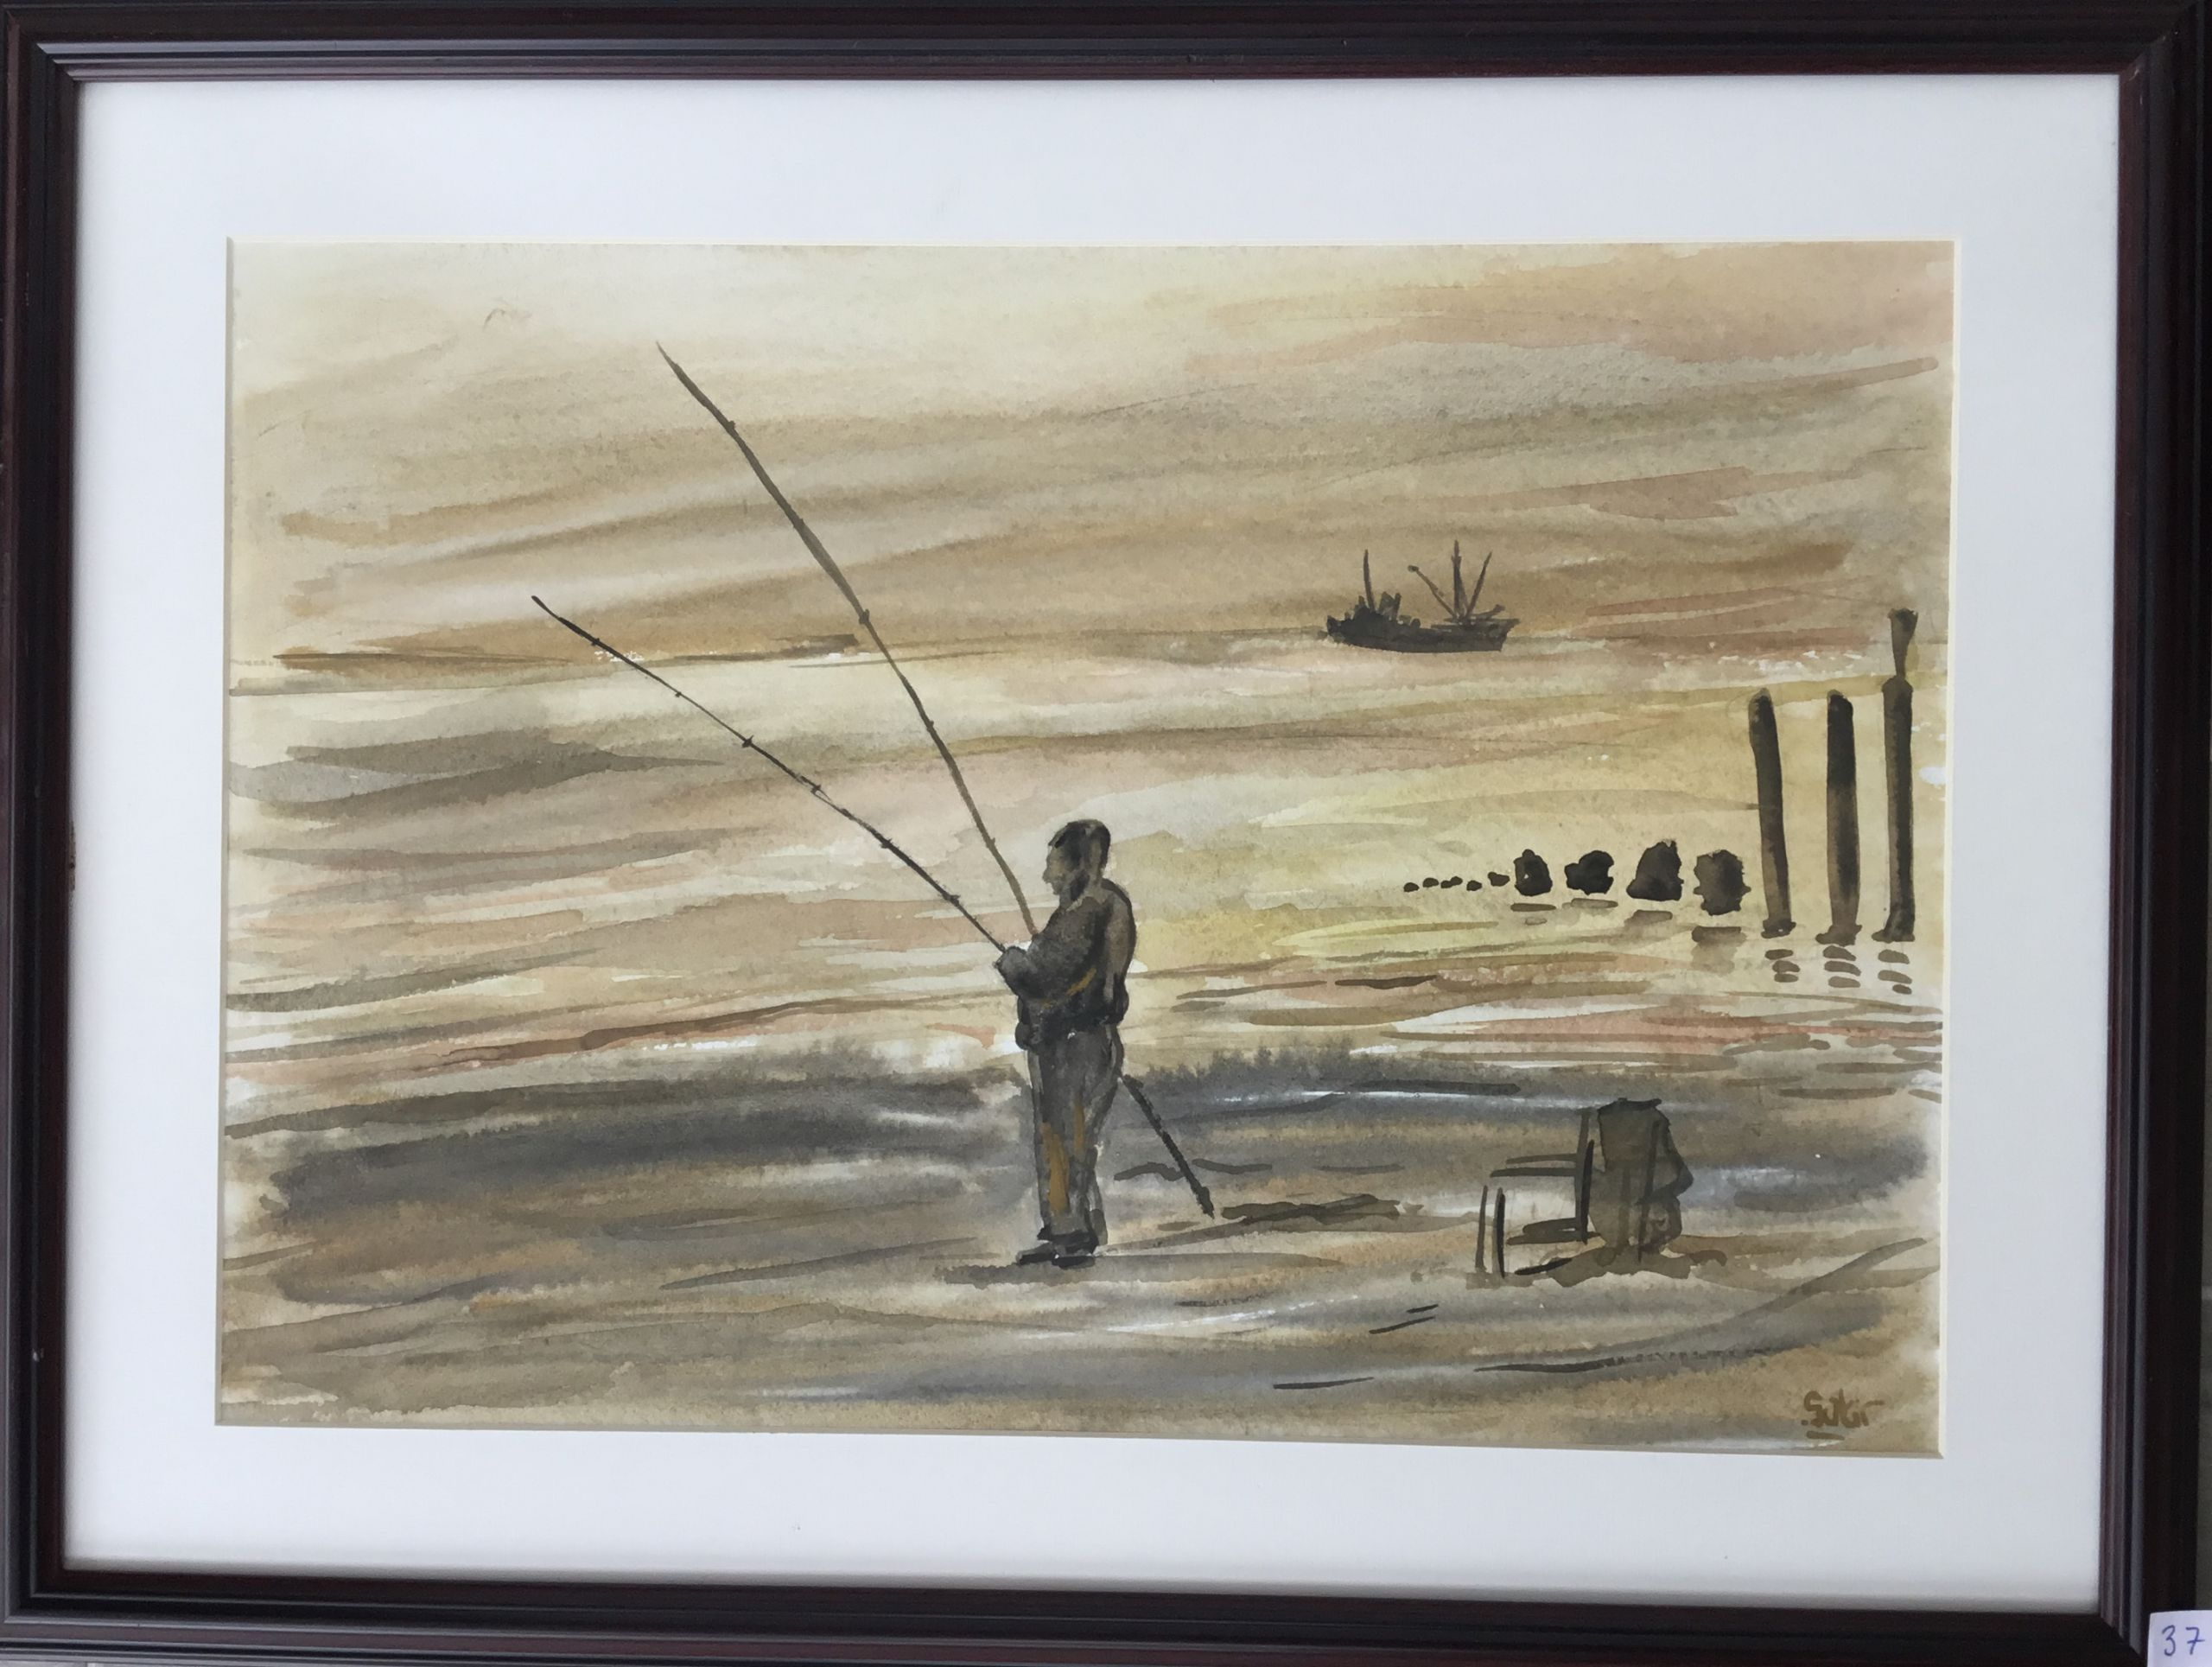 37.Balıkçı, Suluboya, 35x50jpg